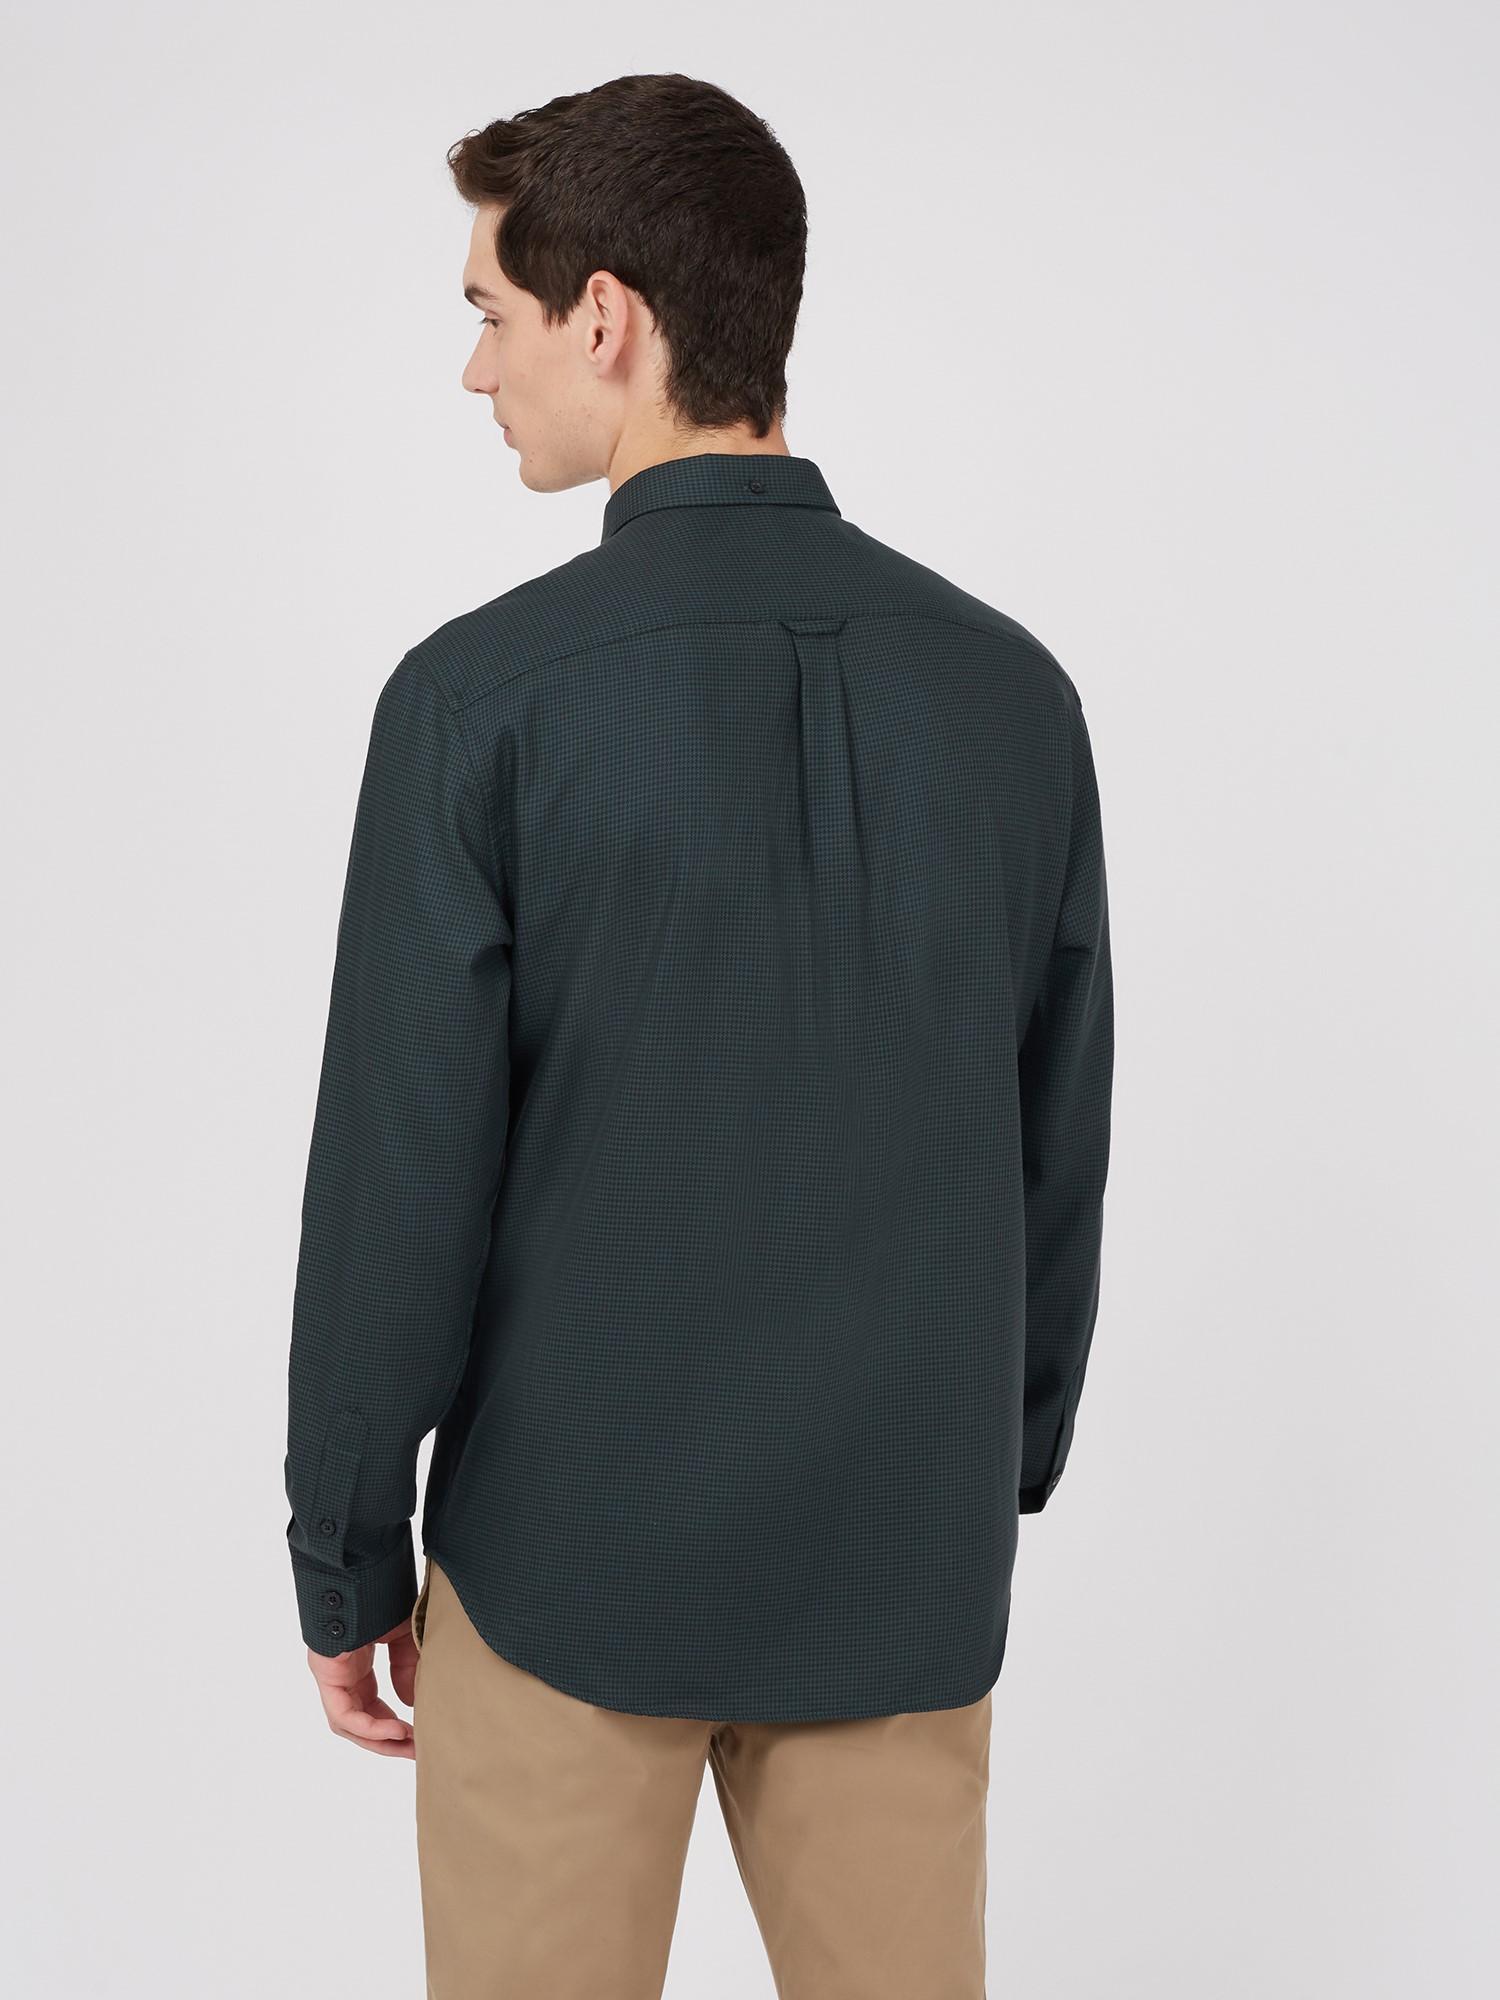 Long Sleeve Puppytooth Shirt